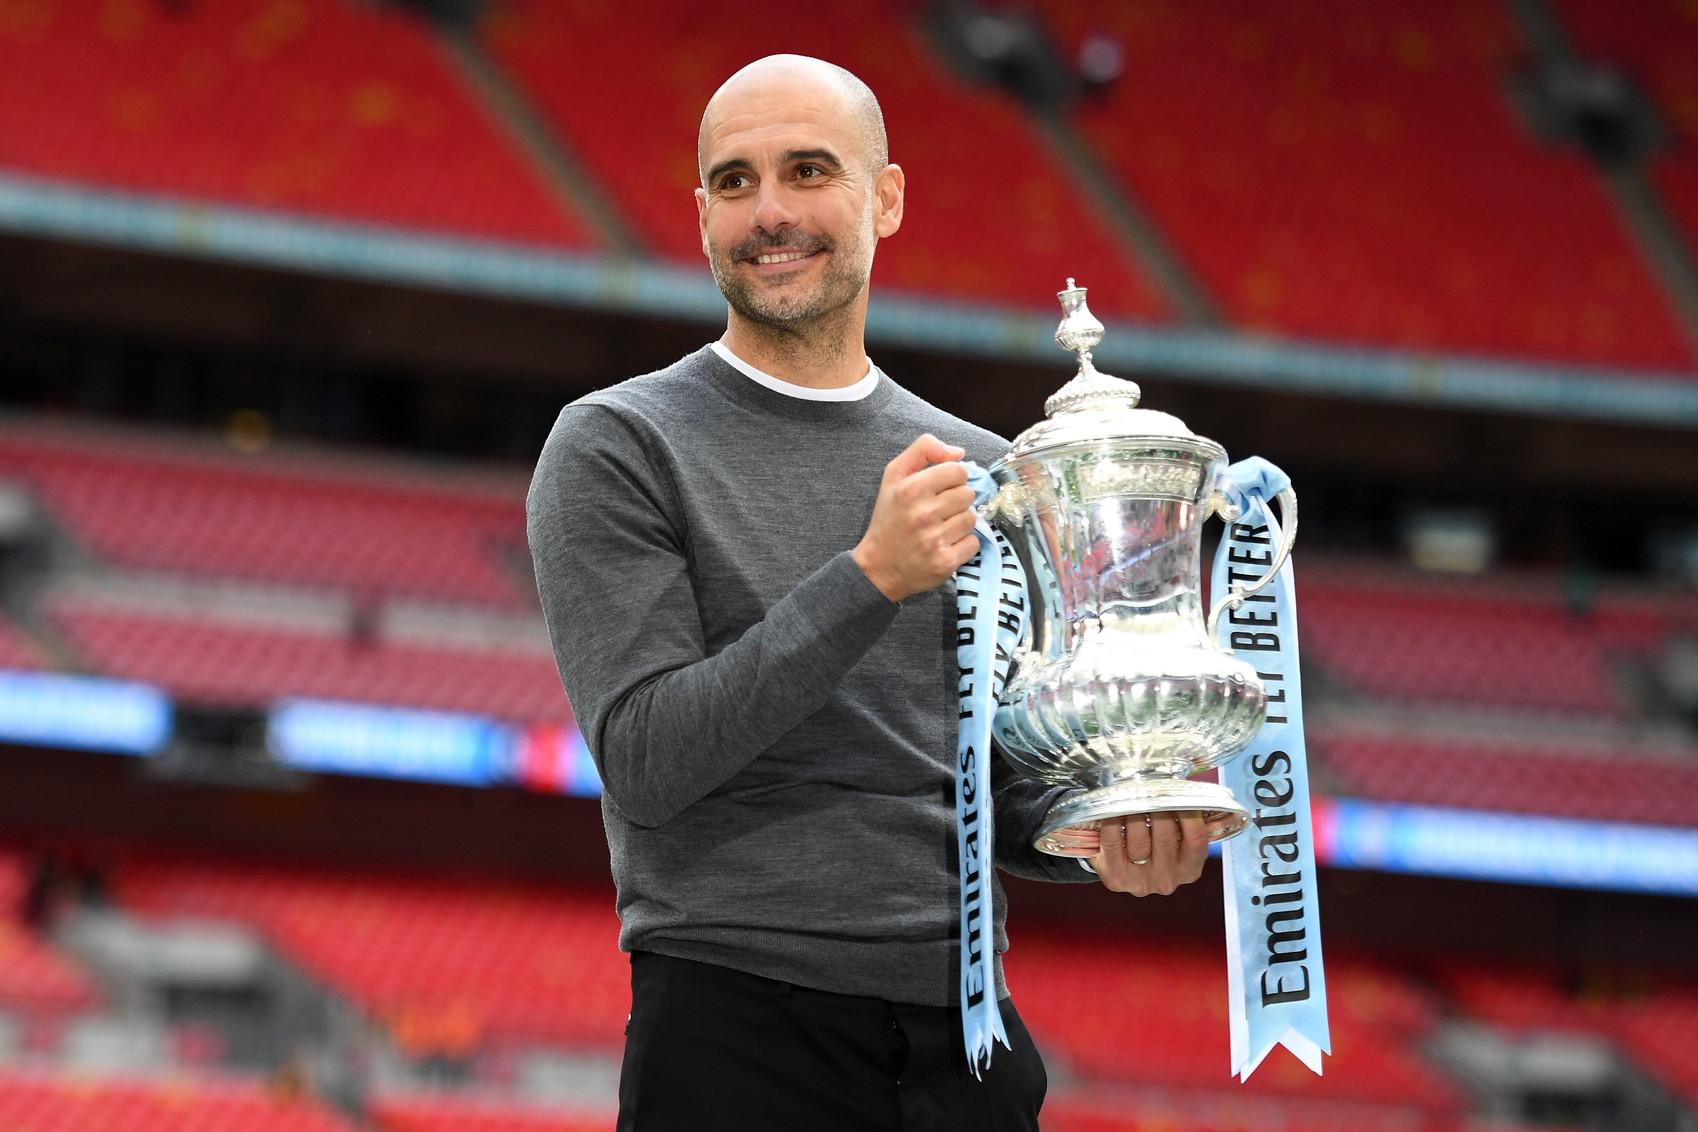 Pep Gaurdiola: con il Manchester City nella stagione 2018-19 ha vinto Premier League, Supercoppa d'Inghilterra, Coppa di Lega e FA Cup